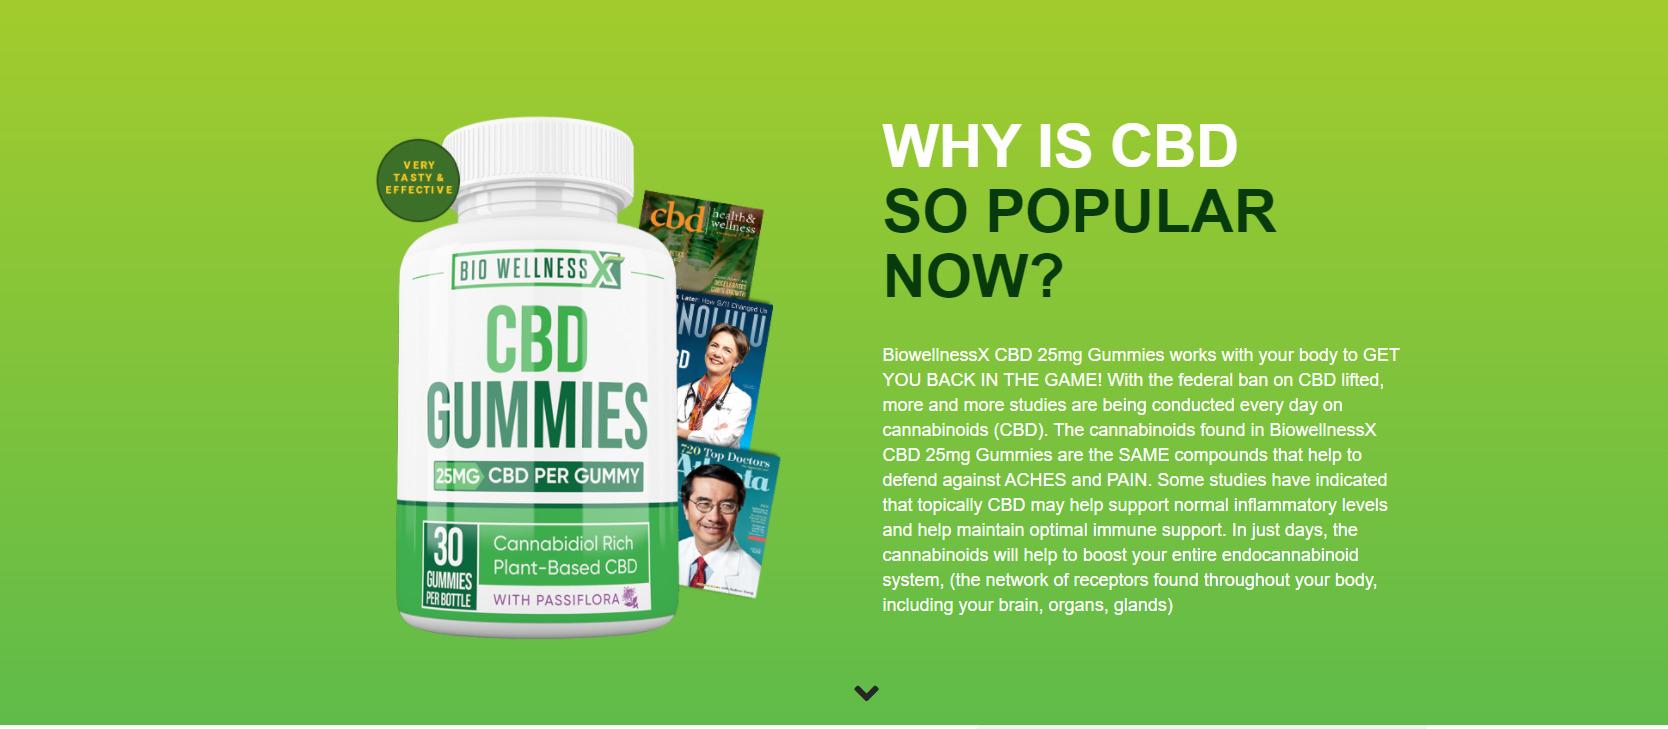 bio wellness cbd gummy rev